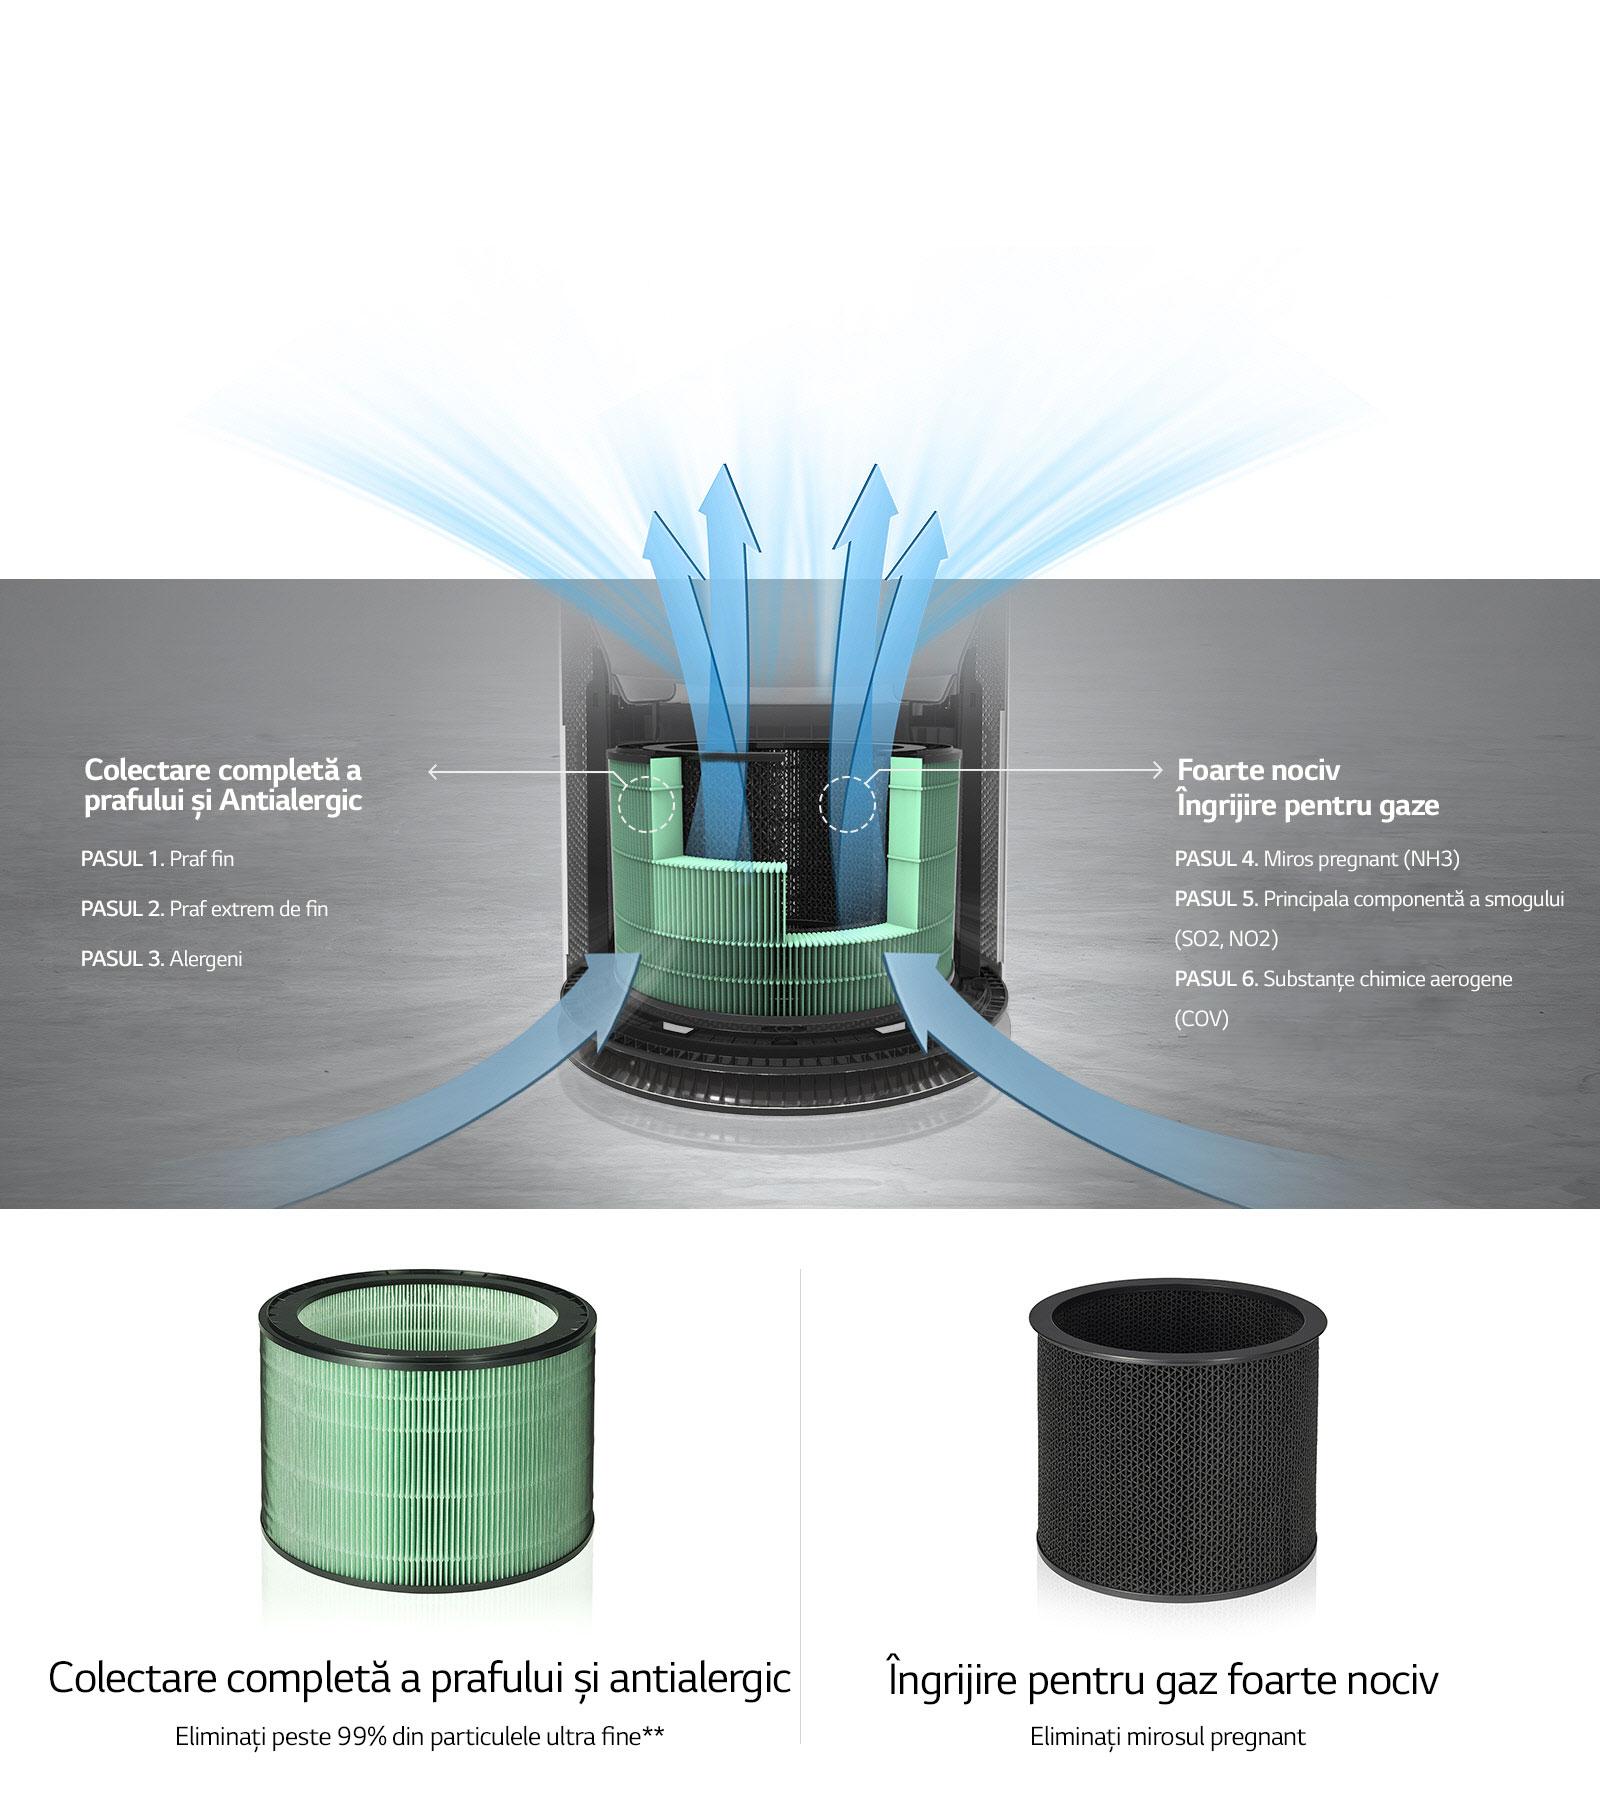 Filtrare în 6 pași pentru protecție completă3